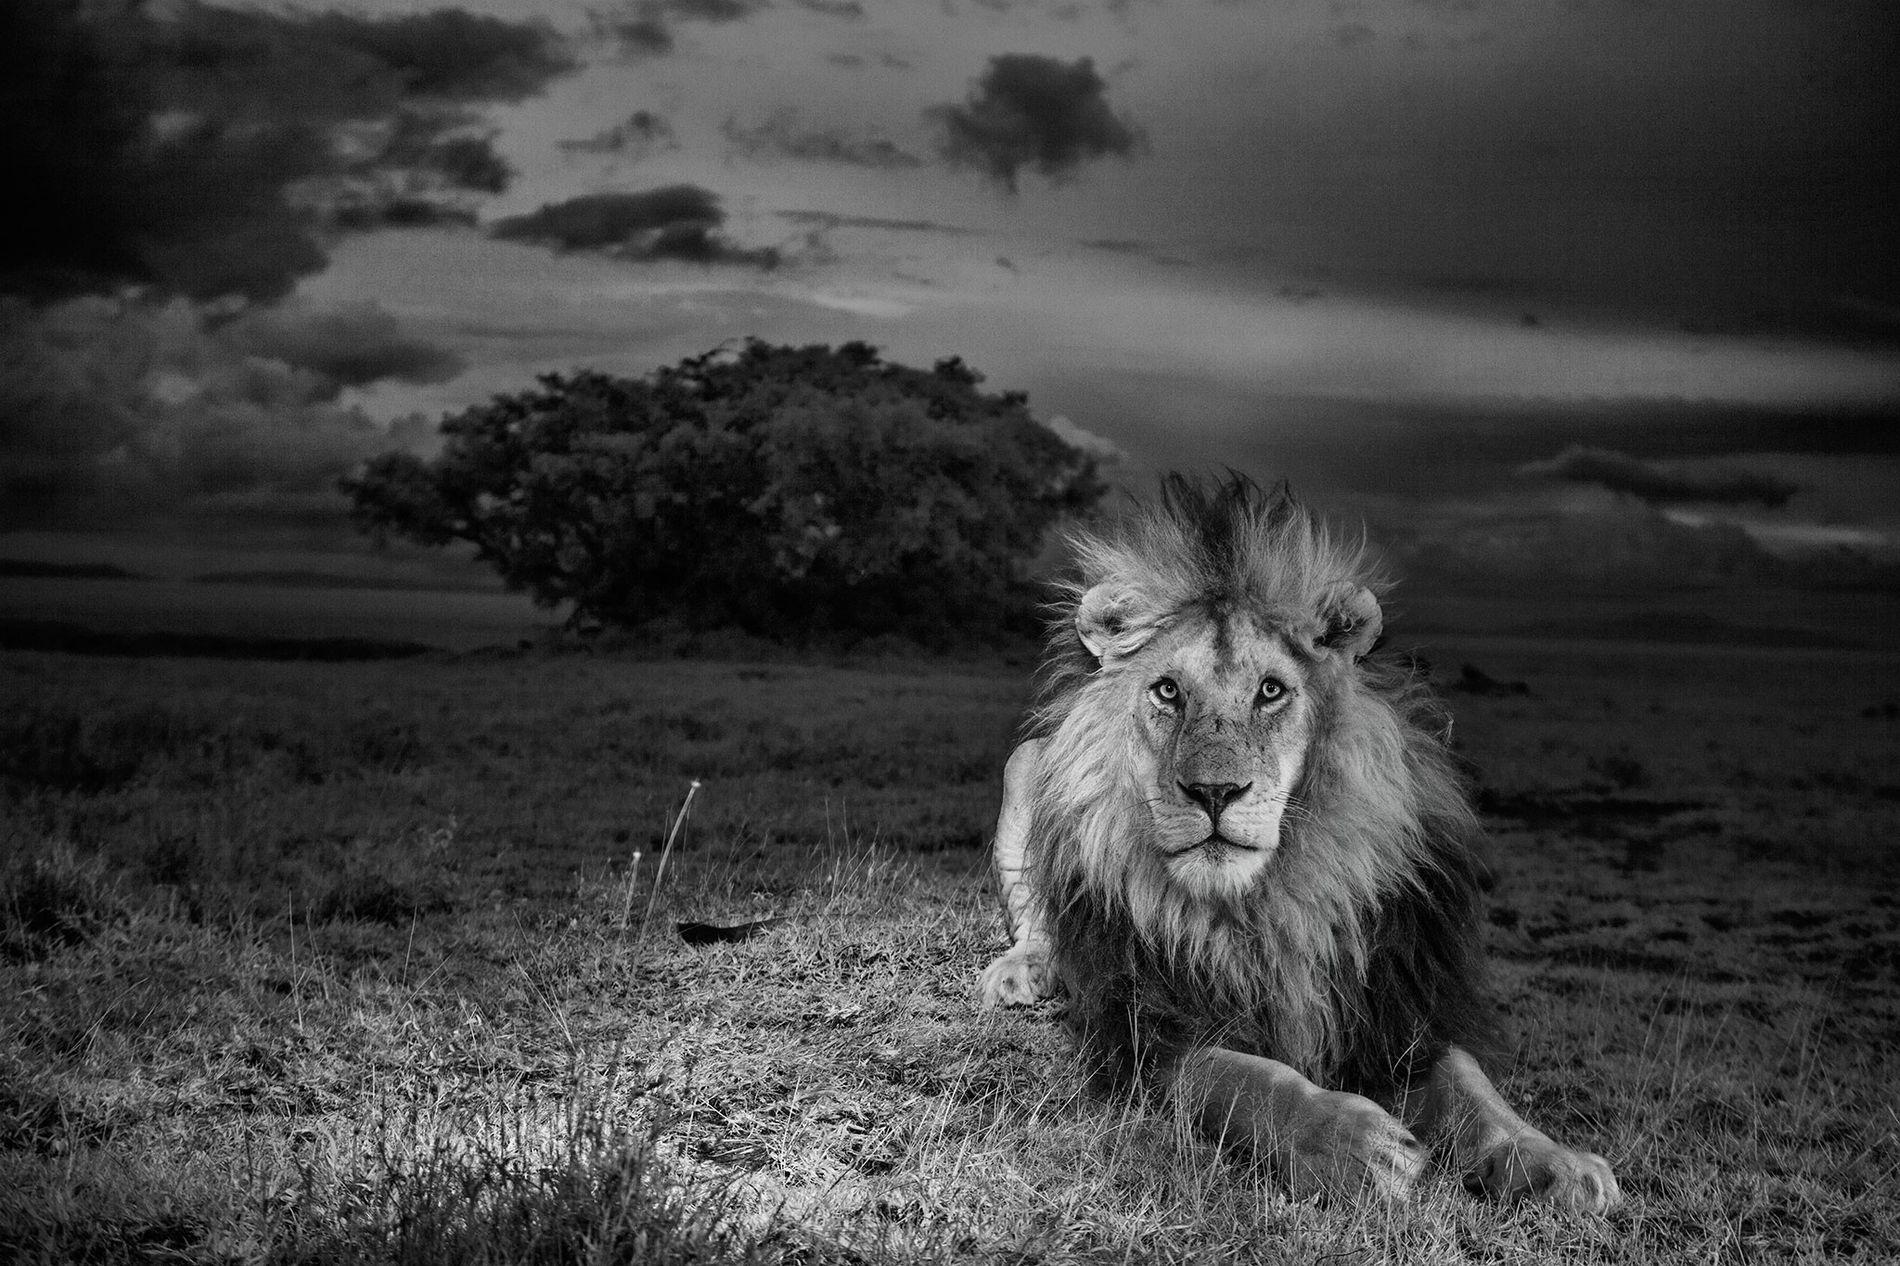 C-Boy, com a sua característica juba de pontas negras, no Parque Nacional do Serengueti, na Tanzânia.